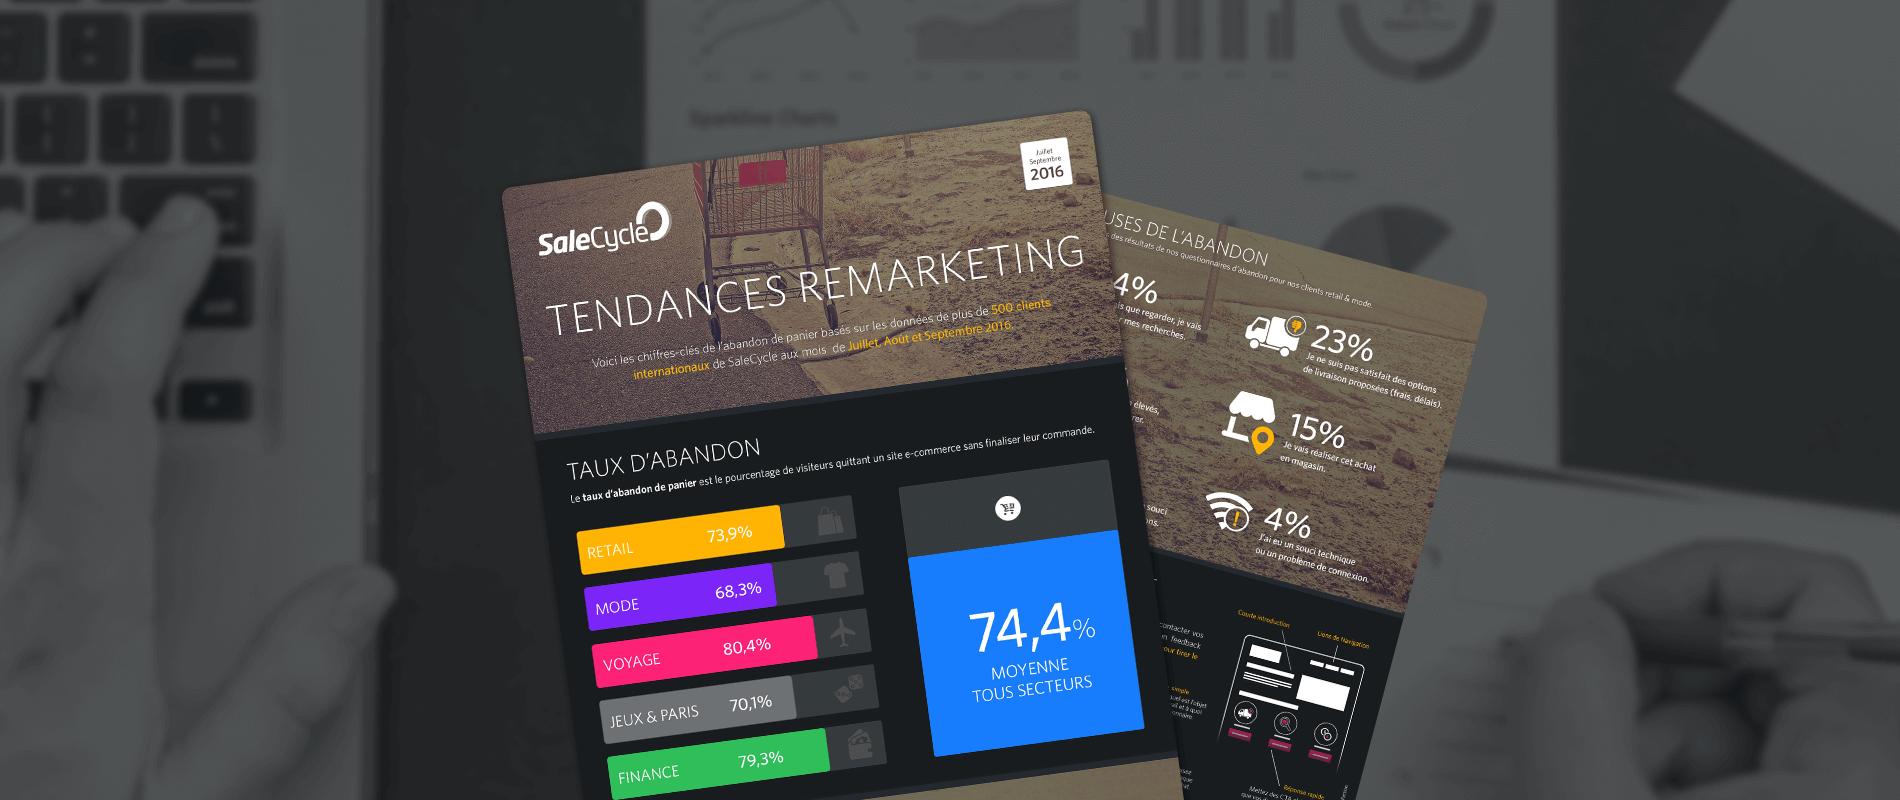 Tendances Remarketing – 3ème trimestre 2016